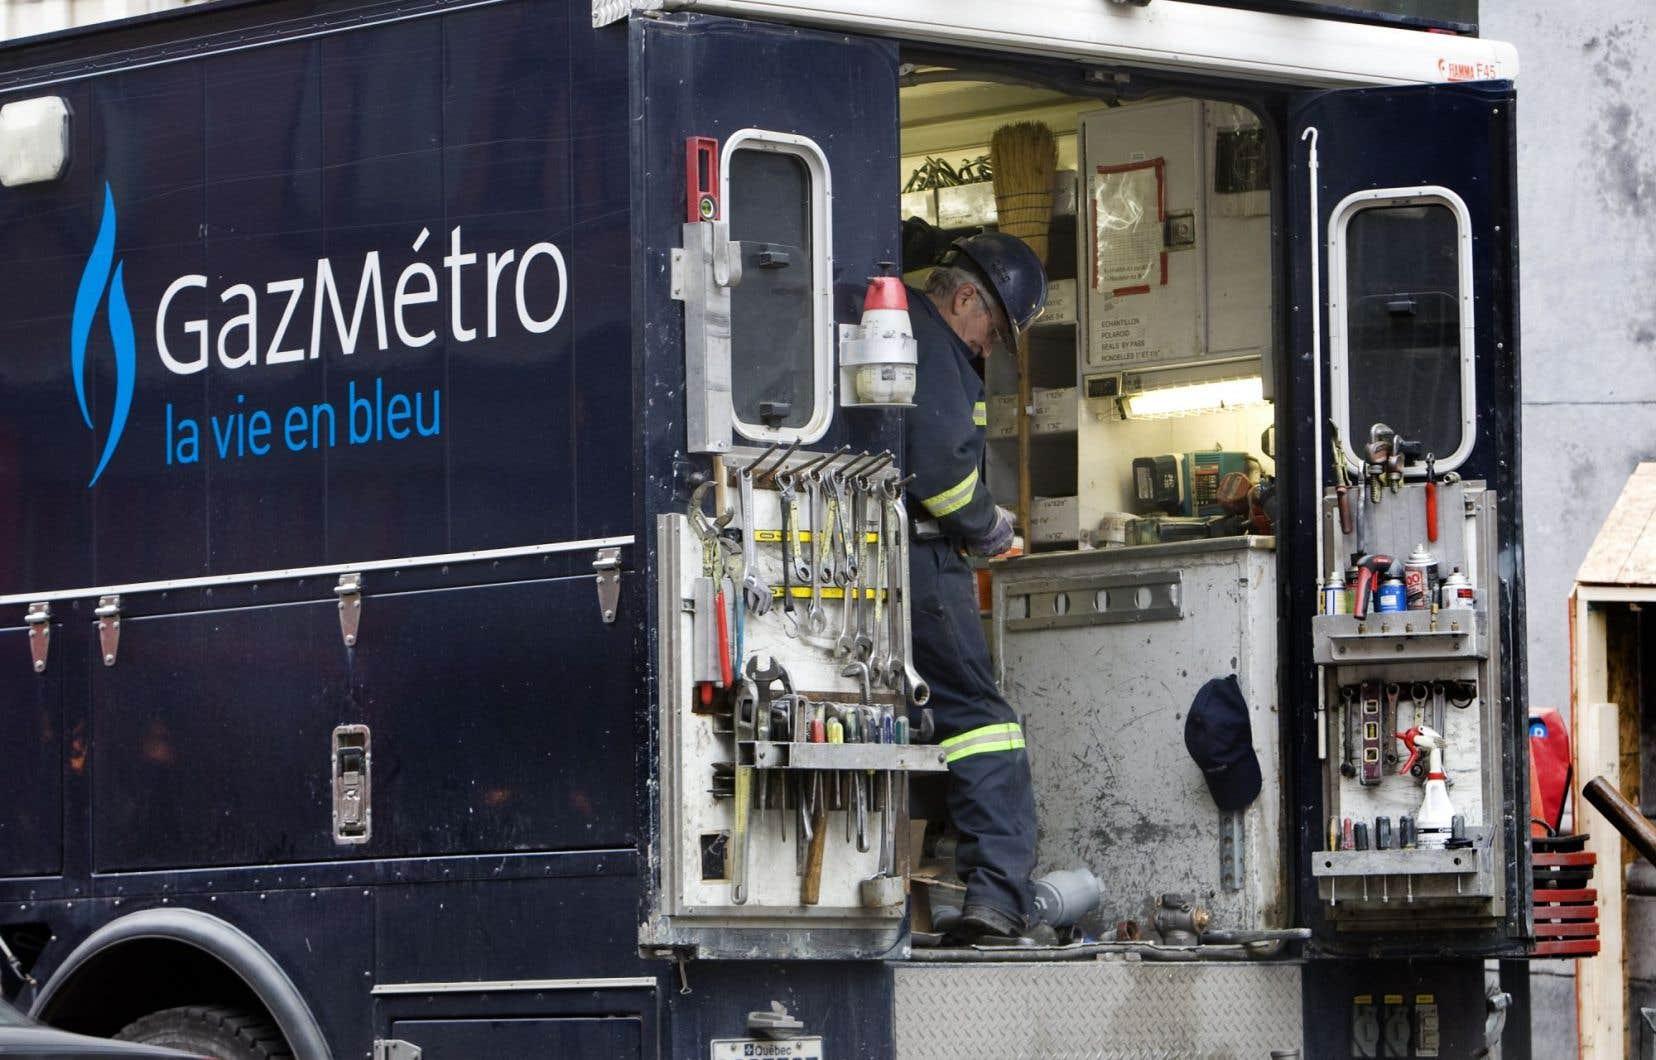 Un tuyau de trois centimètres de diamètre a été percé lors de travaux de sciage de béton, a indiqué le Service de sécurité incendie de Montréal (SIM), ce qui a engendré la fuite.<br />